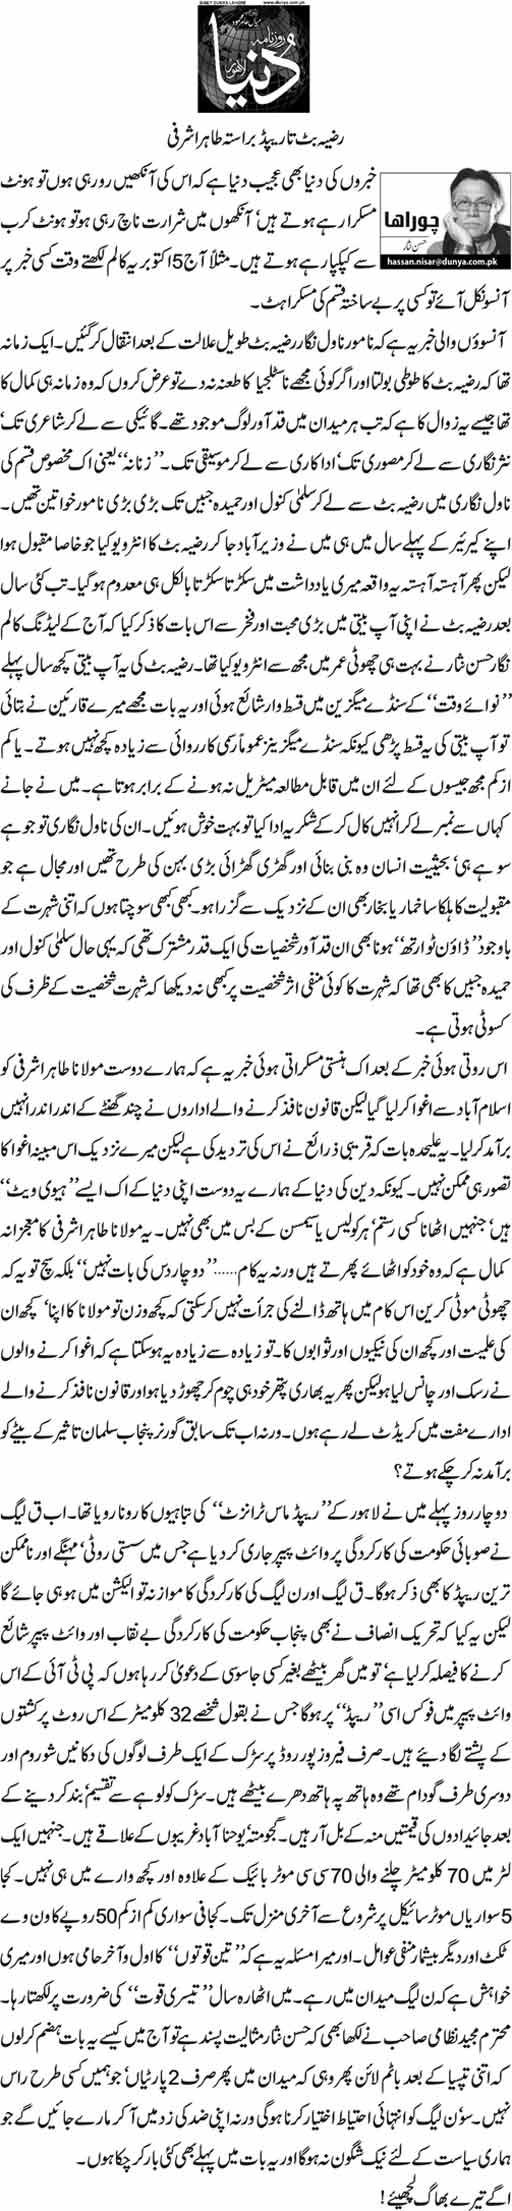 Razia Butt tareepad barasta tahir Asharfi - Hassan Nisar